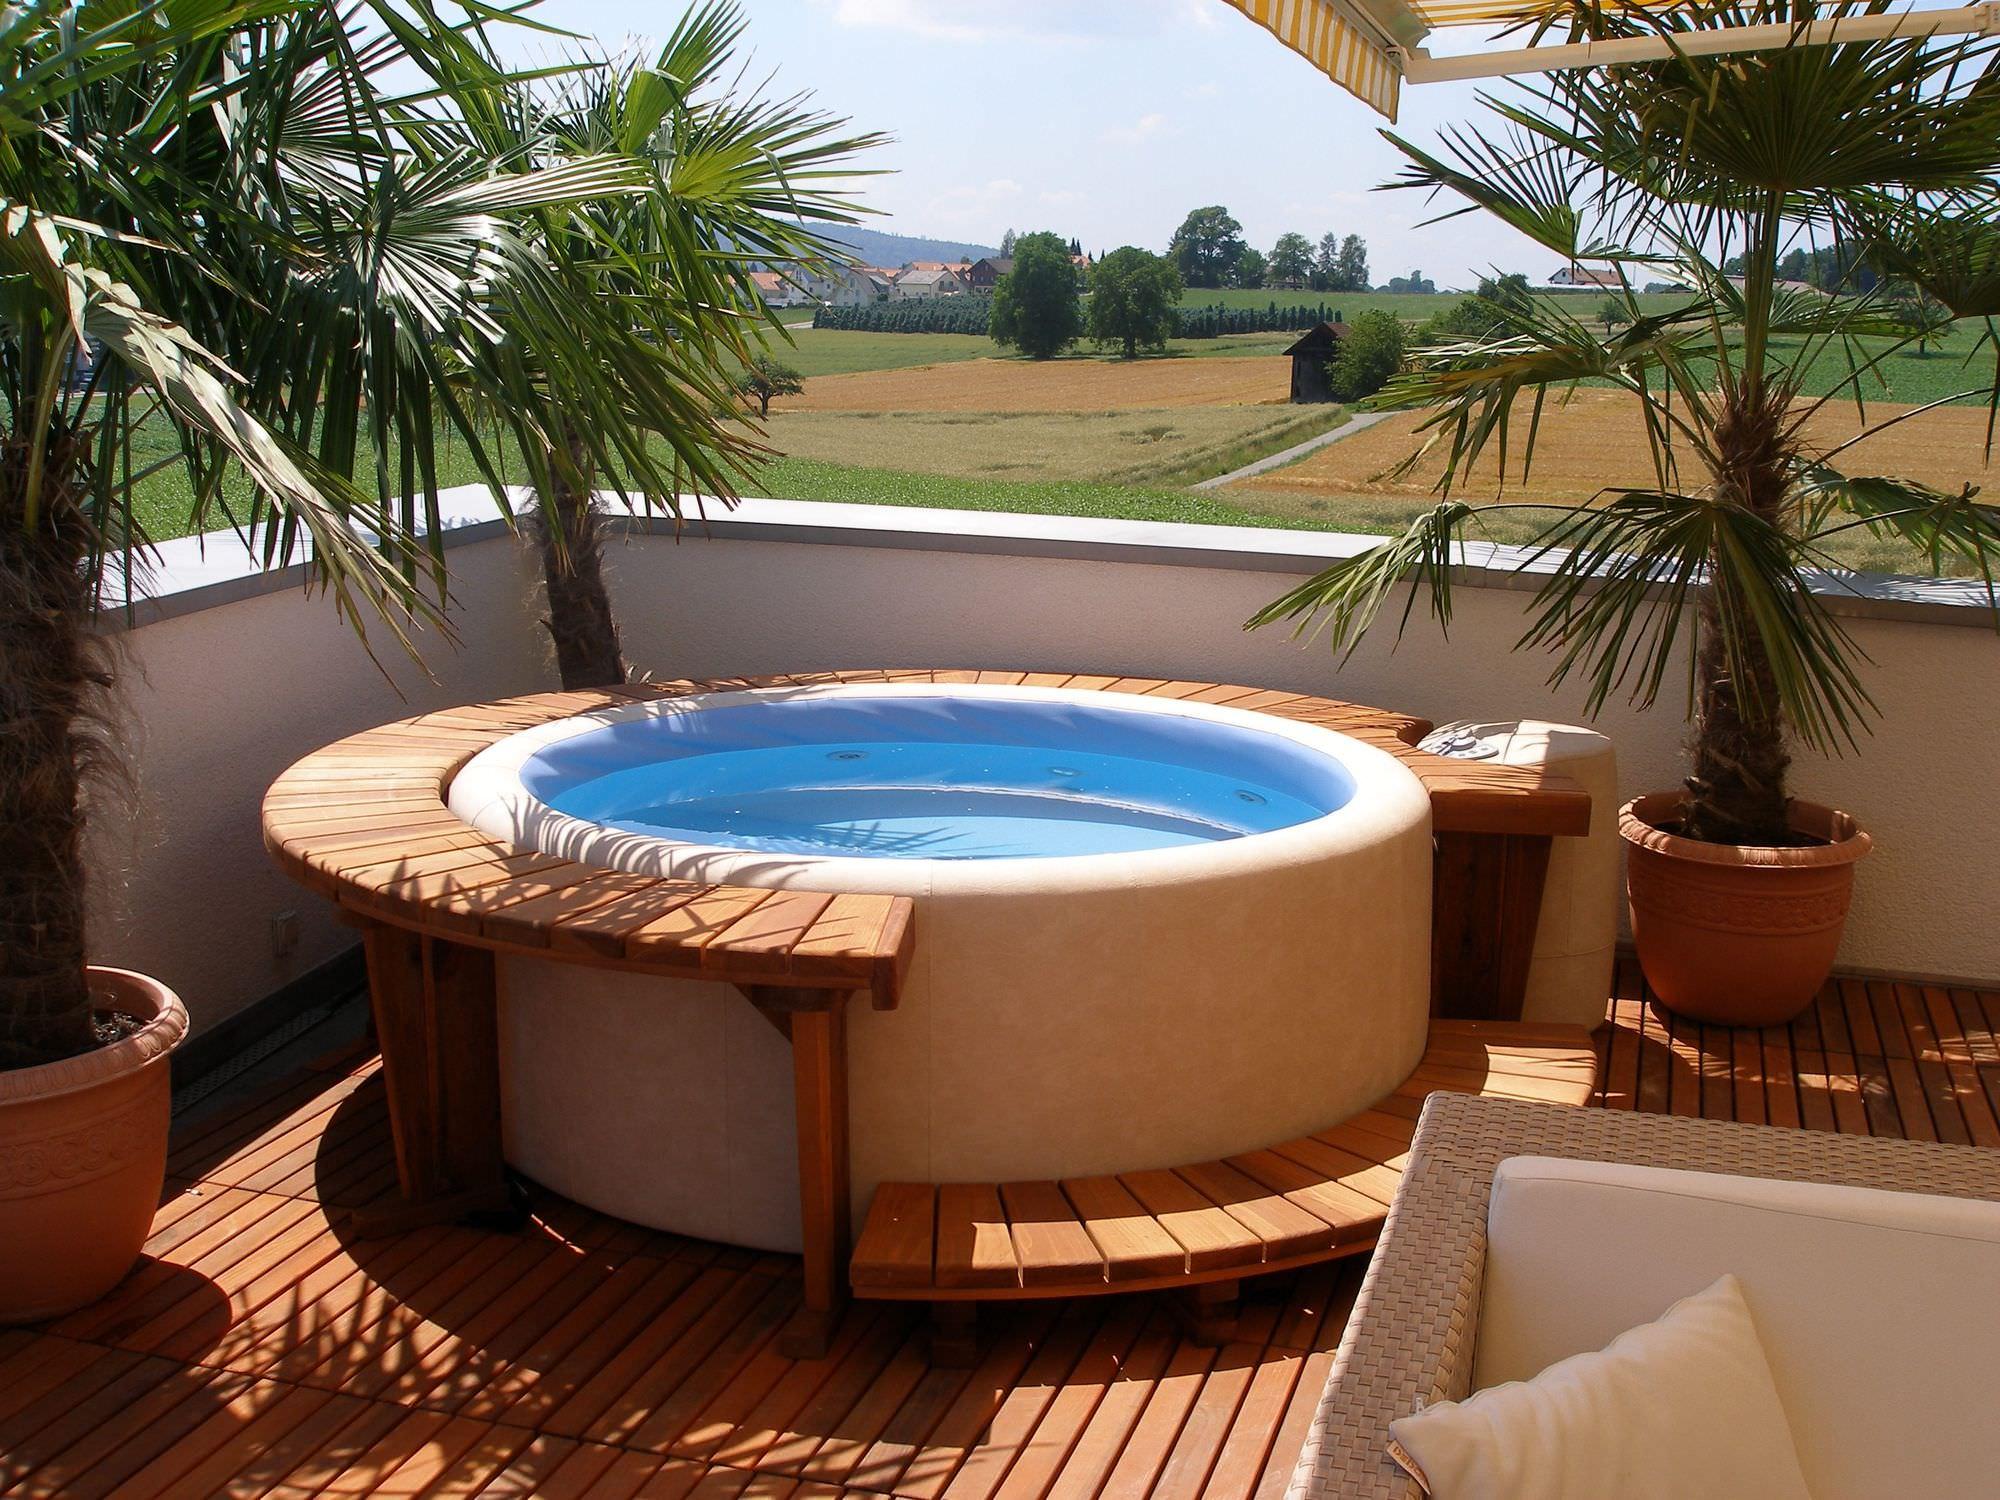 Spa Hors Sol Circulaire Avec Eclairage A Led Integre Resort